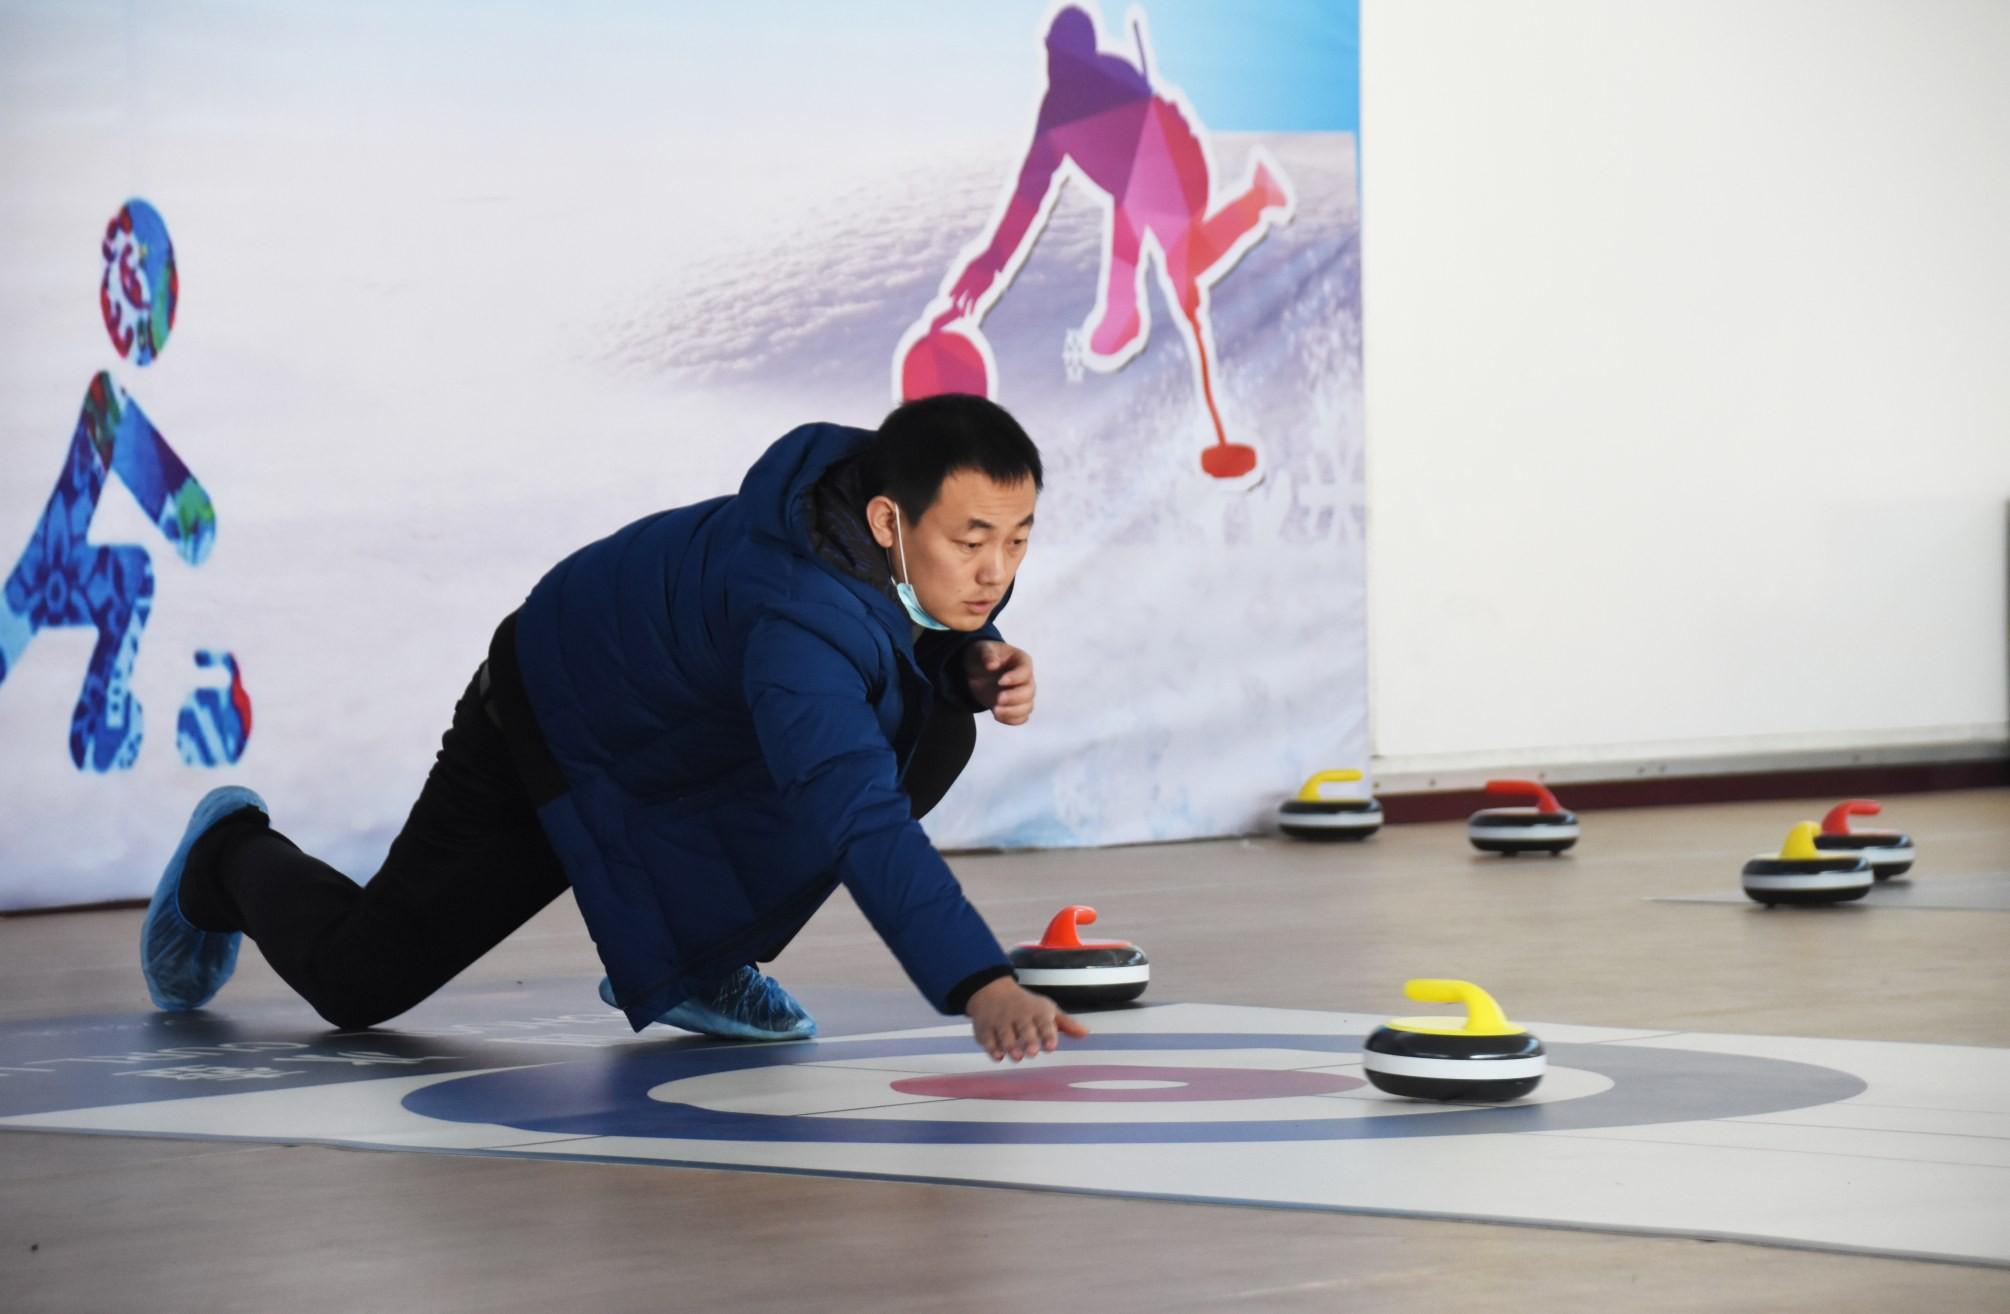 全市第二届冰雪运动会暨中小学生冰雪运动会陆地冰壶项目比赛在河北金特利斯体育设施有限公司举行